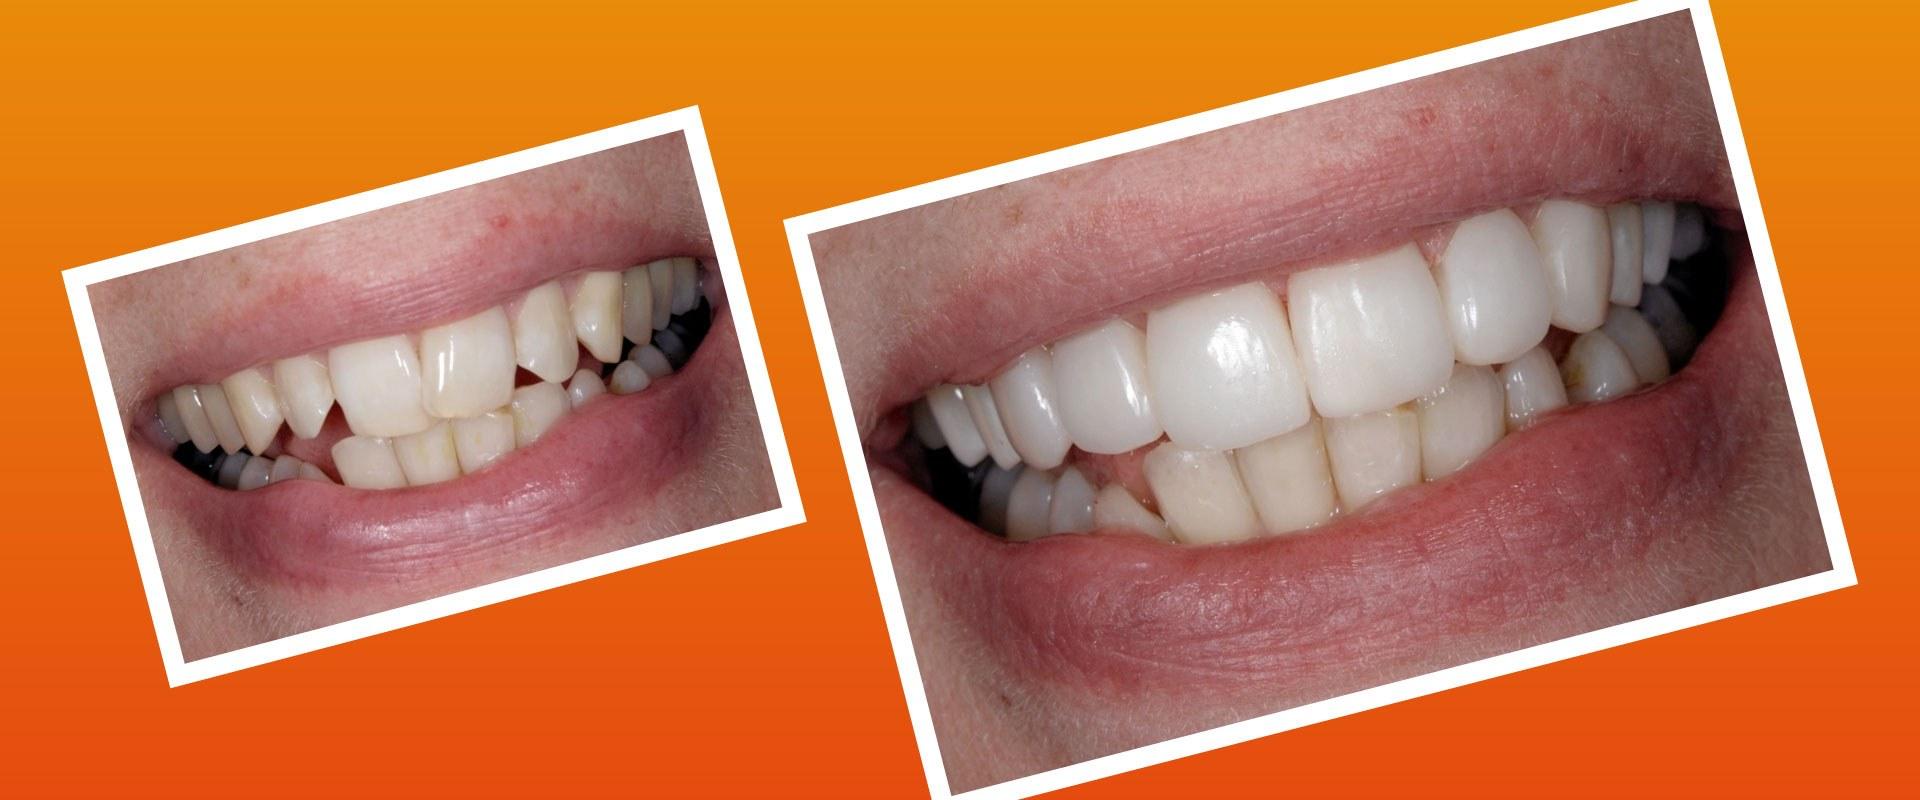 Antes y después de Carillas componeer. Sonríe tu clínica dental en Barcelona